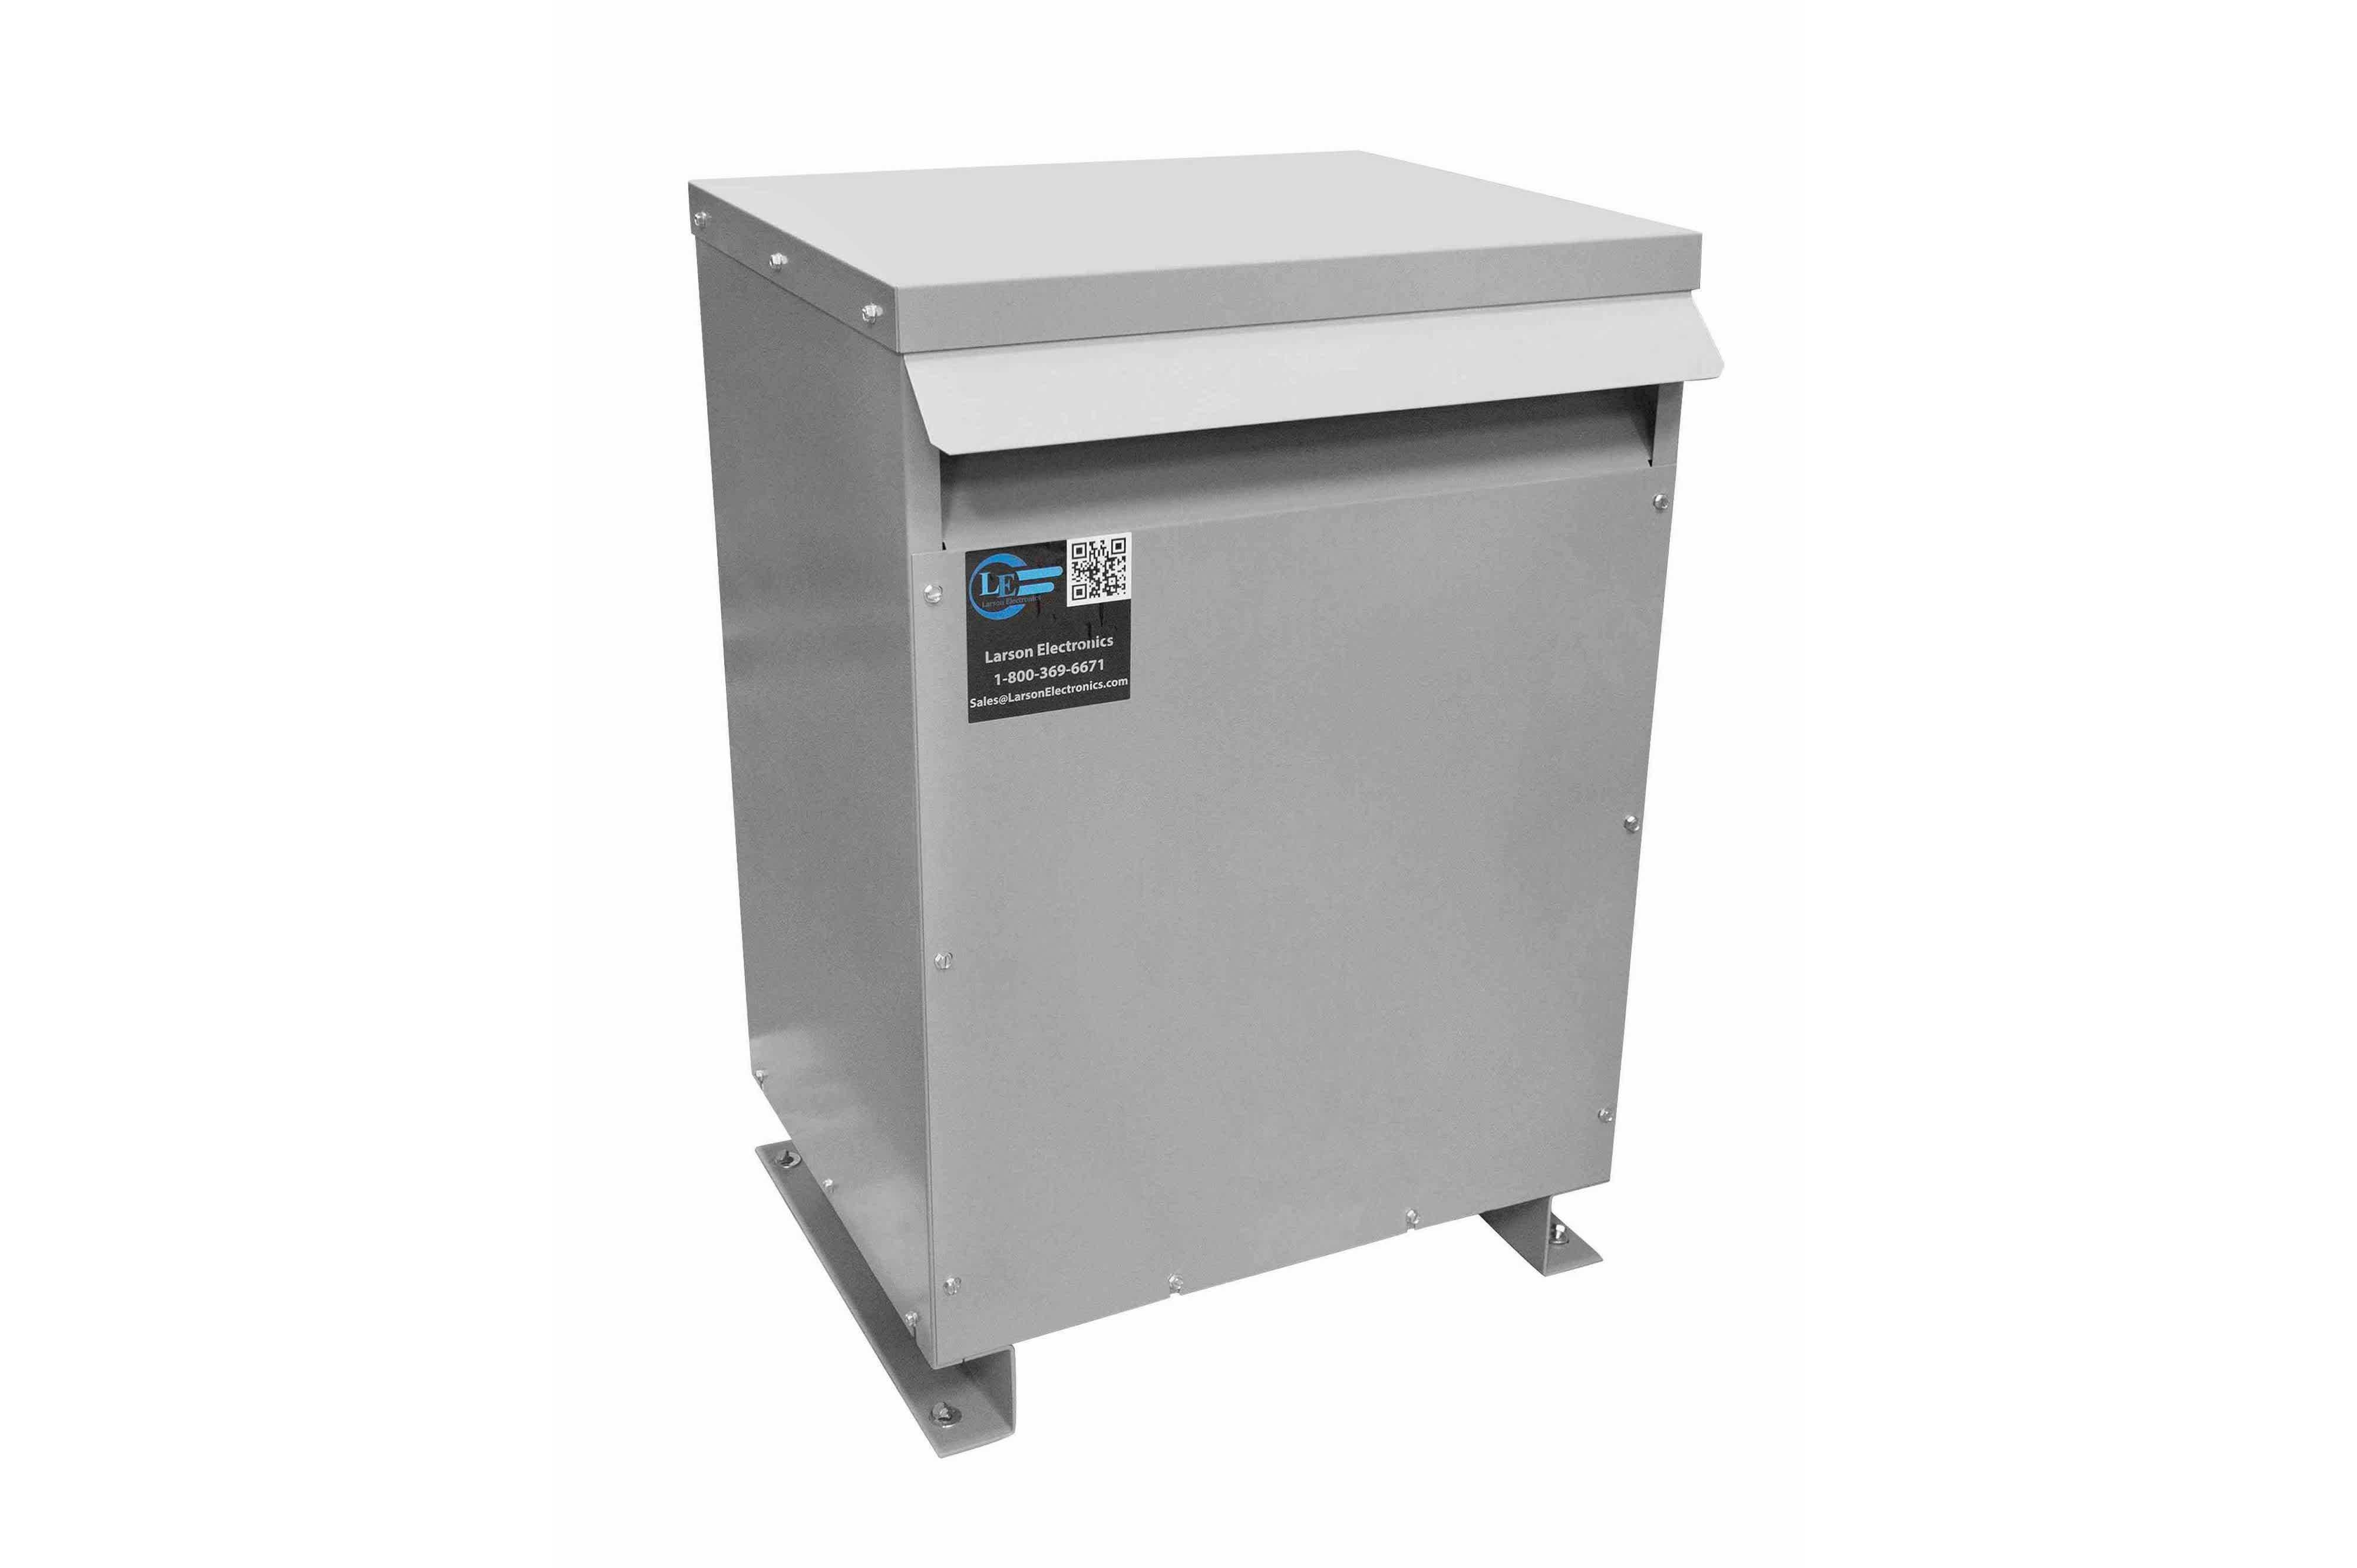 175 kVA 3PH Isolation Transformer, 460V Delta Primary, 240 Delta Secondary, N3R, Ventilated, 60 Hz